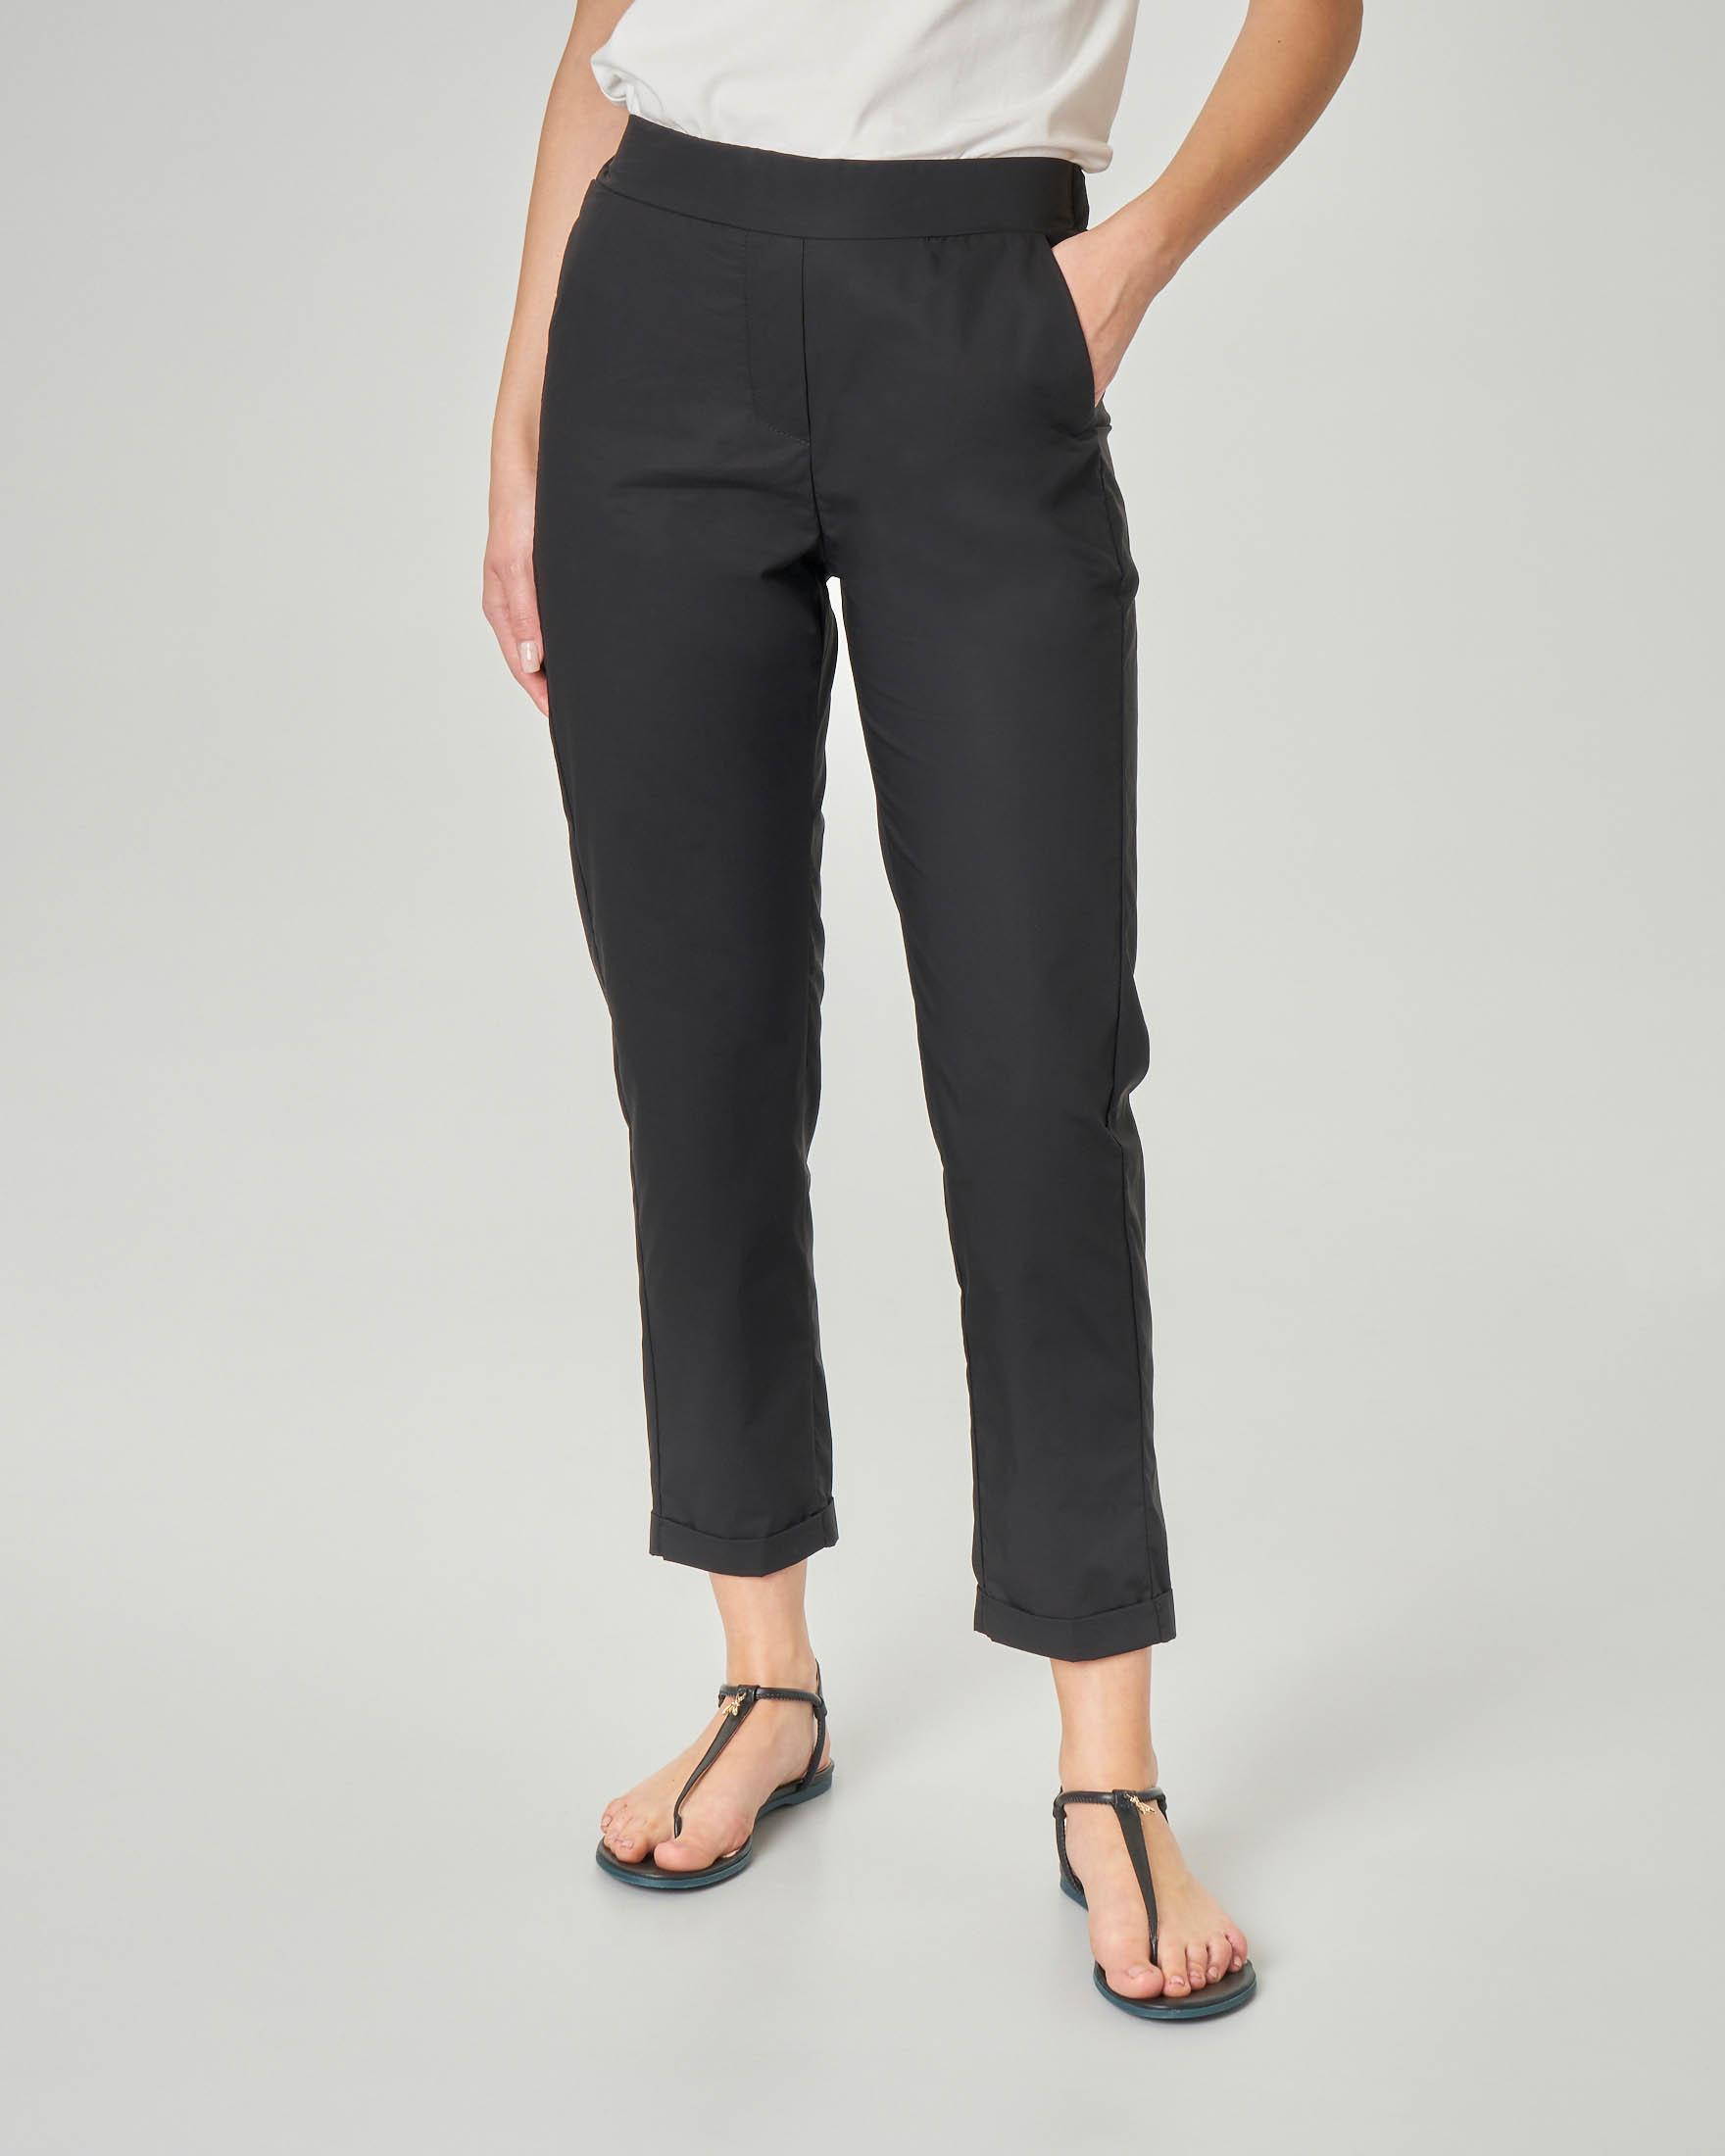 Pantaloni straight neri in cotone con risvolto alla caviglia e elastico in vita